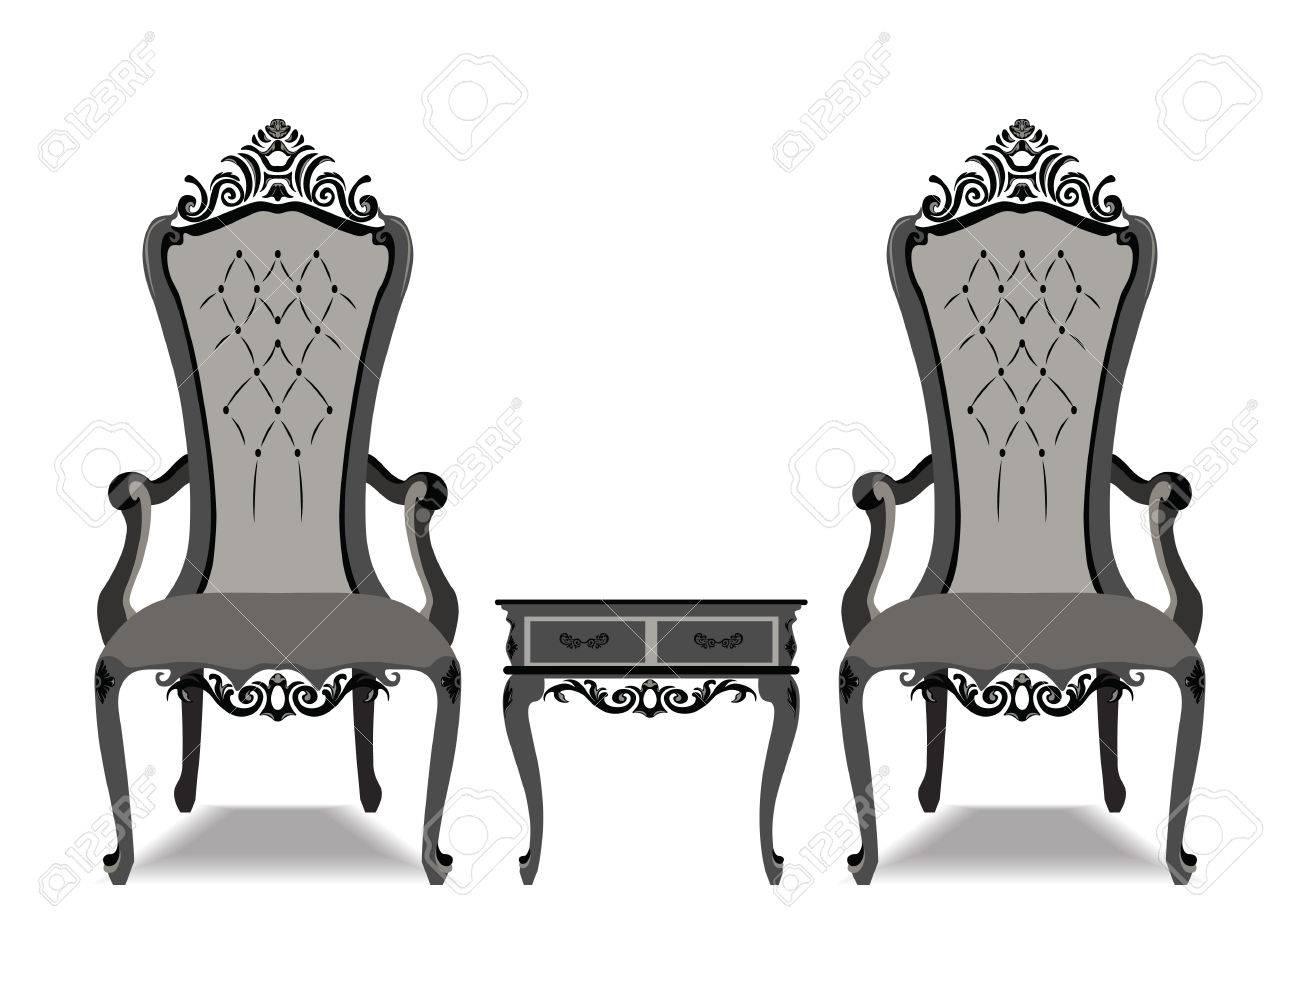 lujo barroco y elegante adornado juego de muebles barroco sillones de estilo de cuero